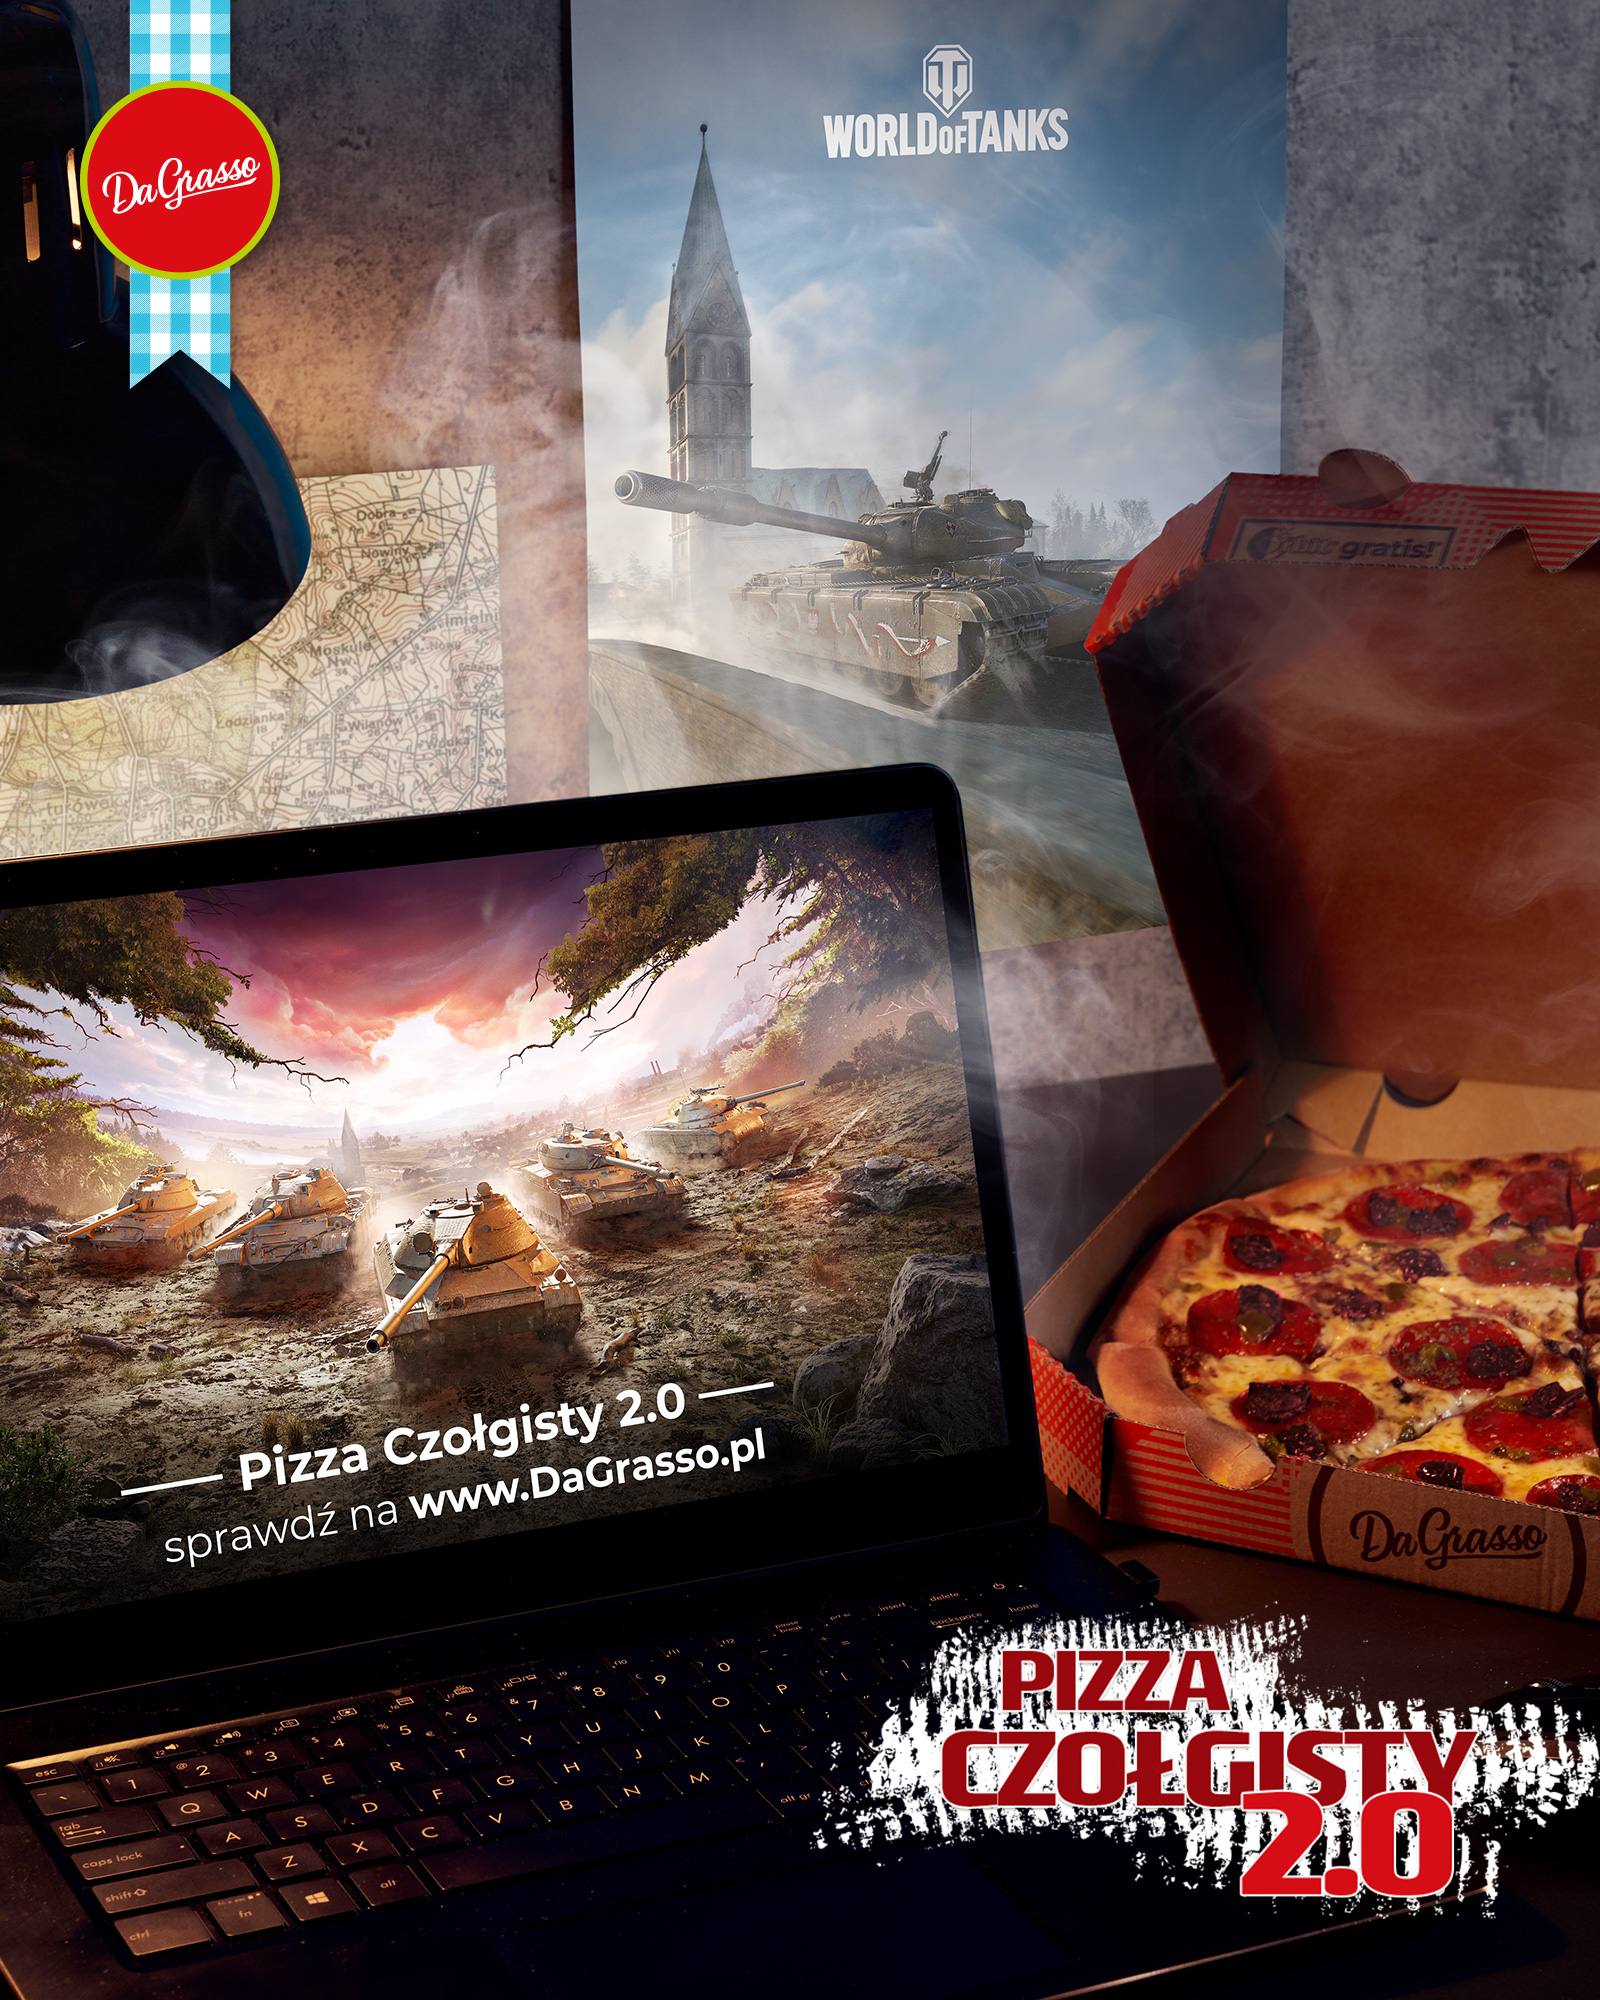 Pizza Czolgisty 2